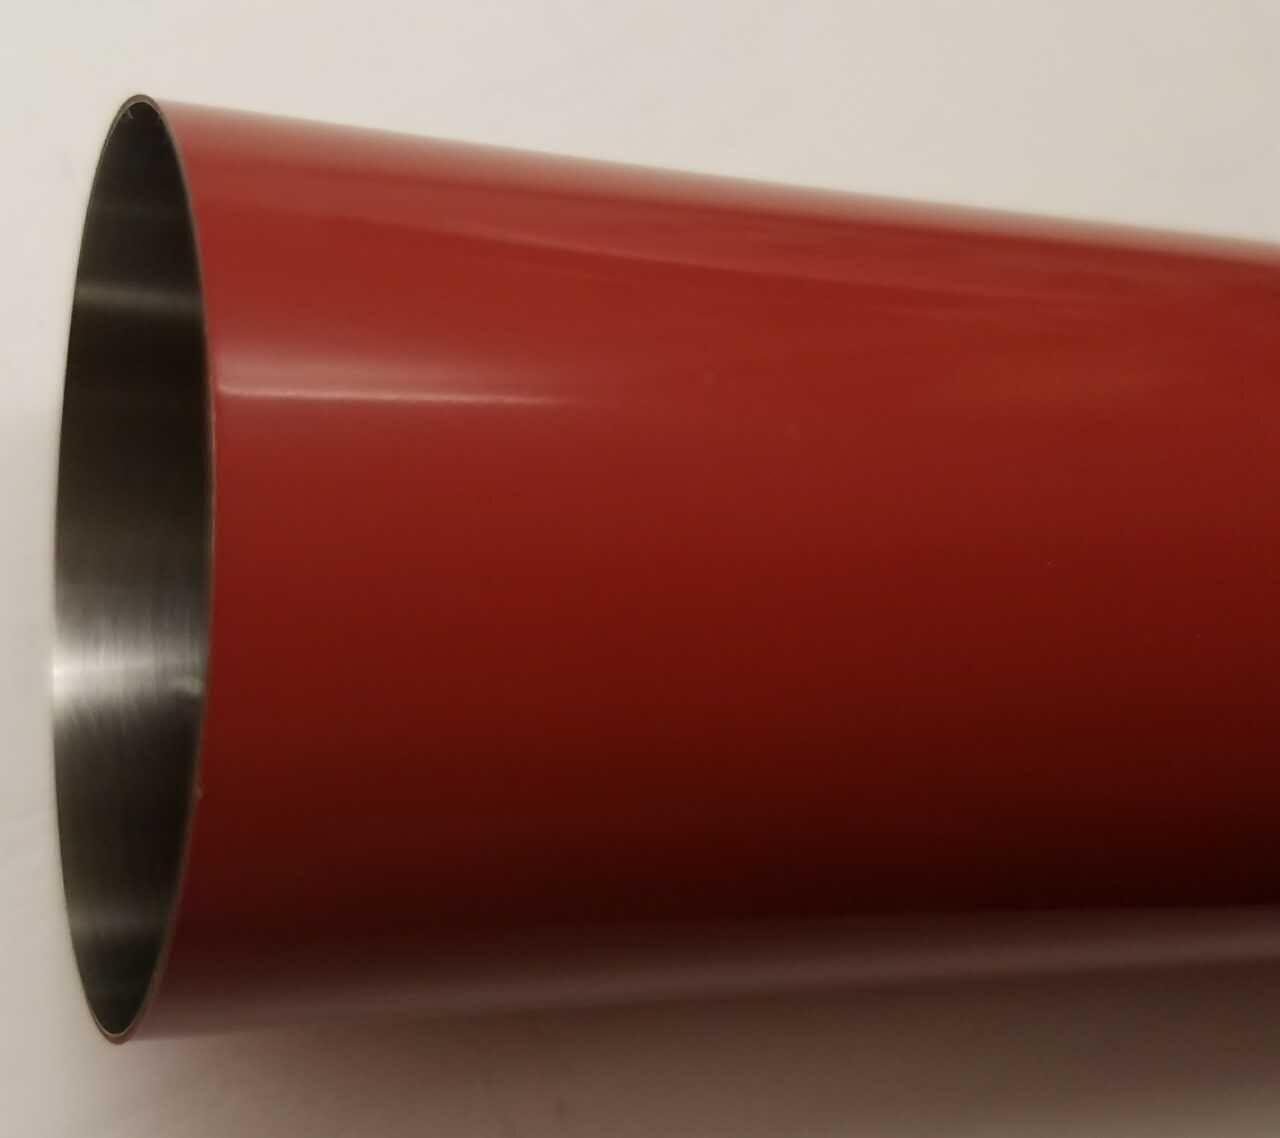 理光系列定影膜 2